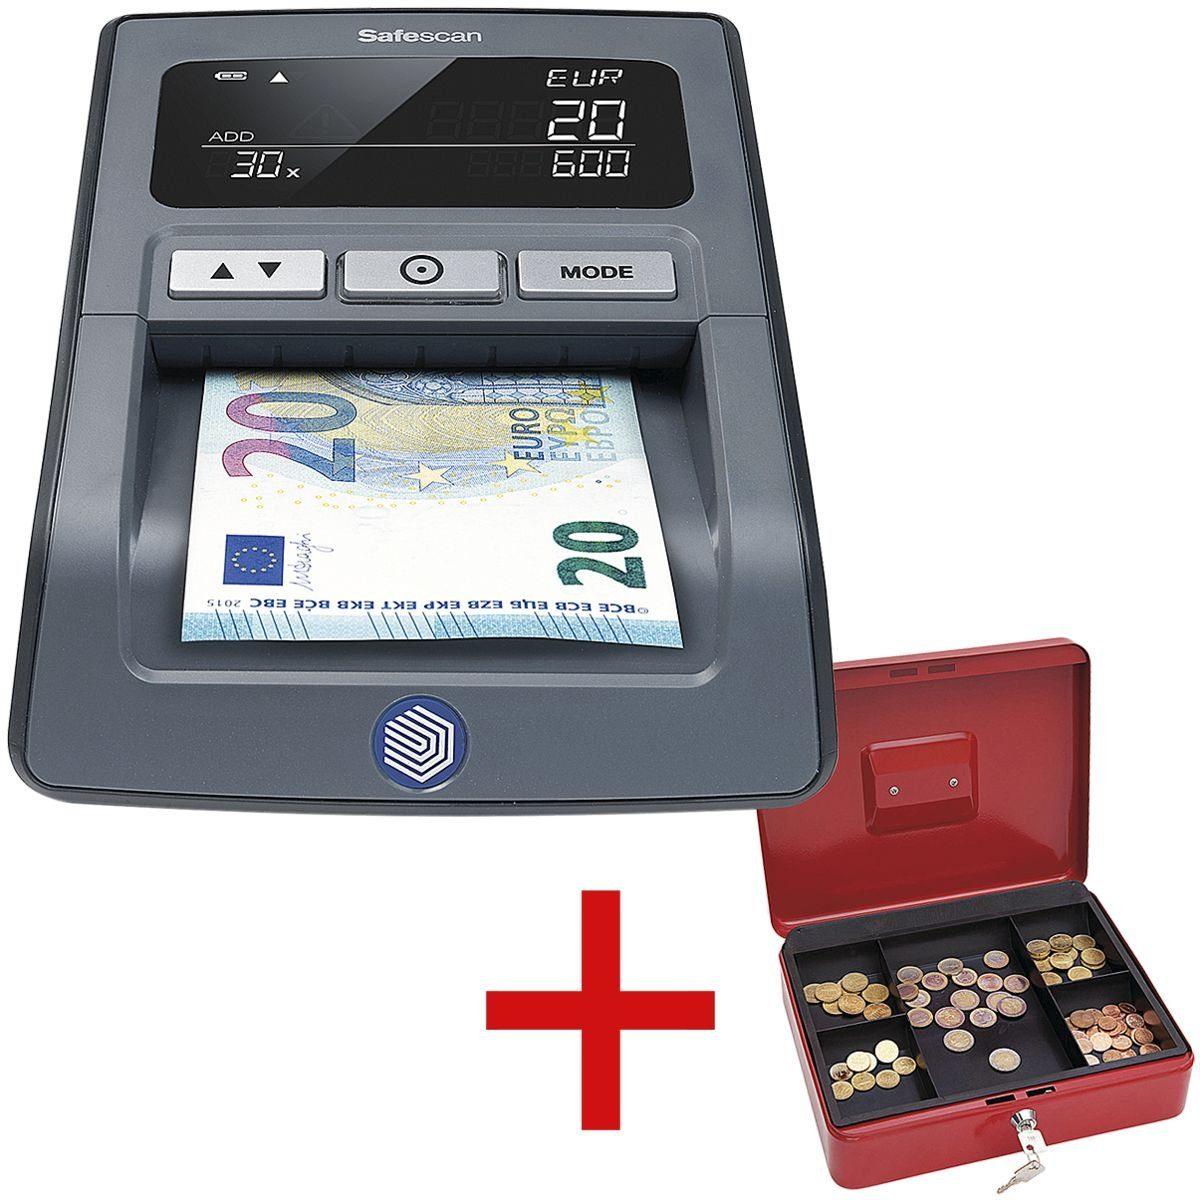 SAFESCAN Geldscheinprüfgerät inkl. Geldkassette »155-s« 1 Set